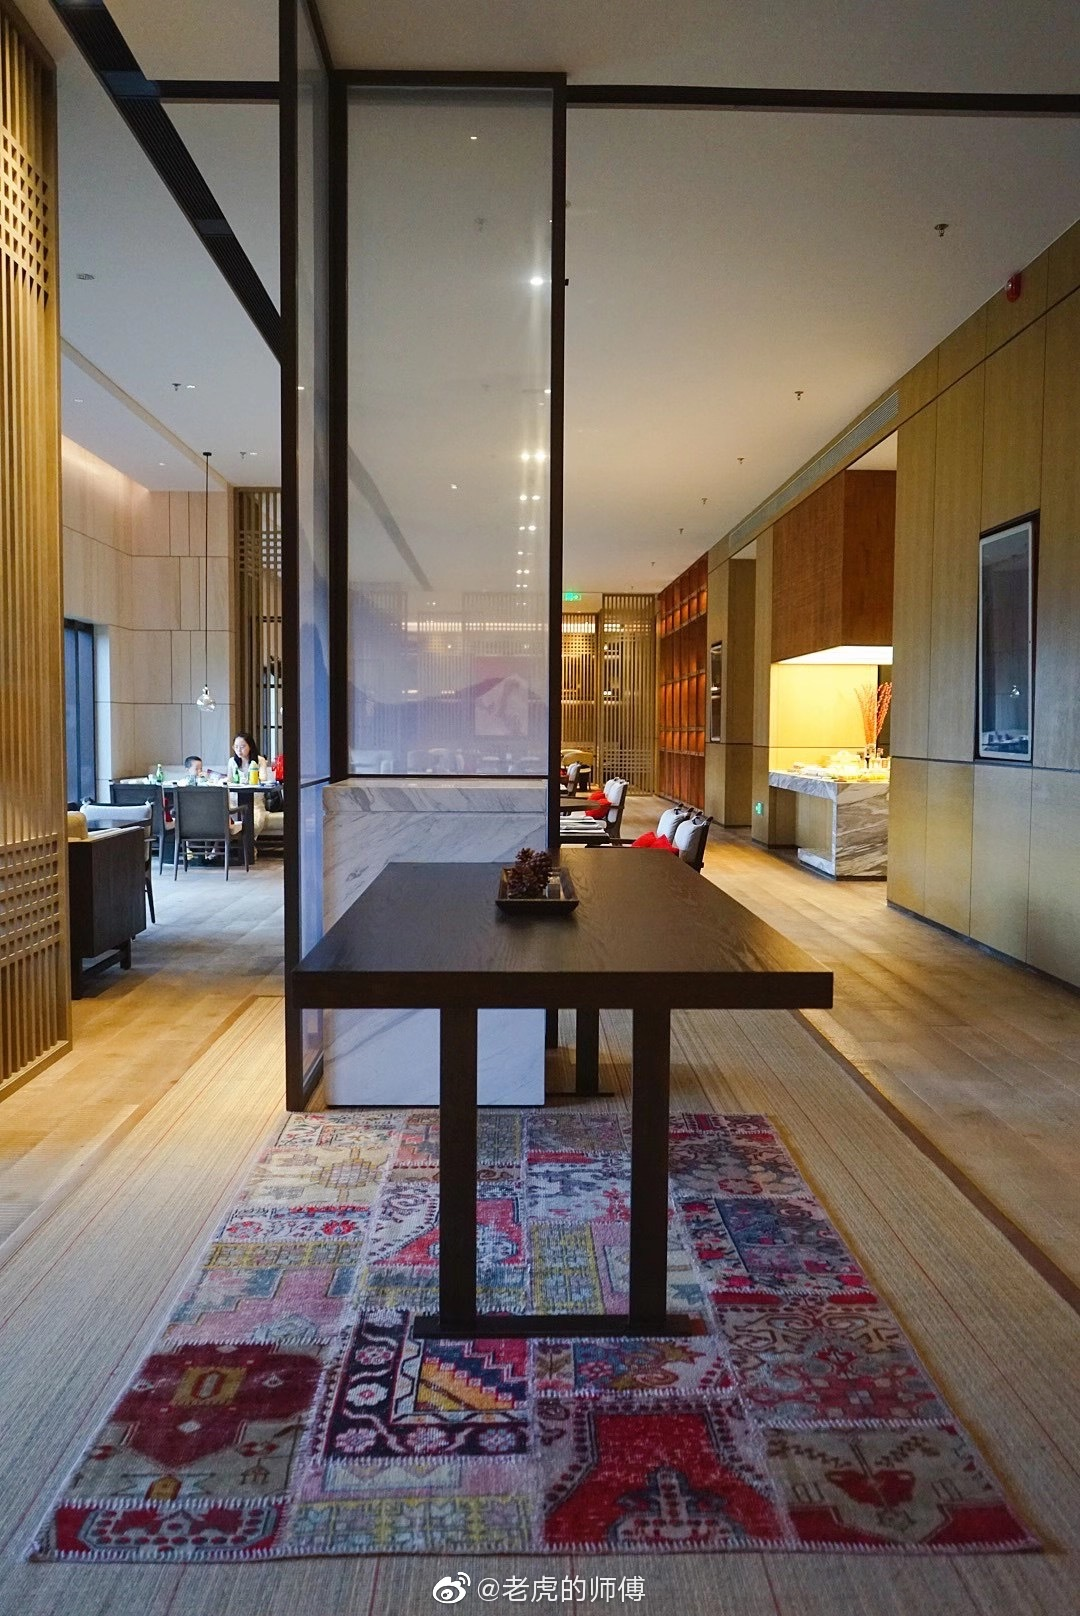 深圳|佳兆业万豪酒店·行政酒廊每一家有行政酒廊的度假⛱️酒店都